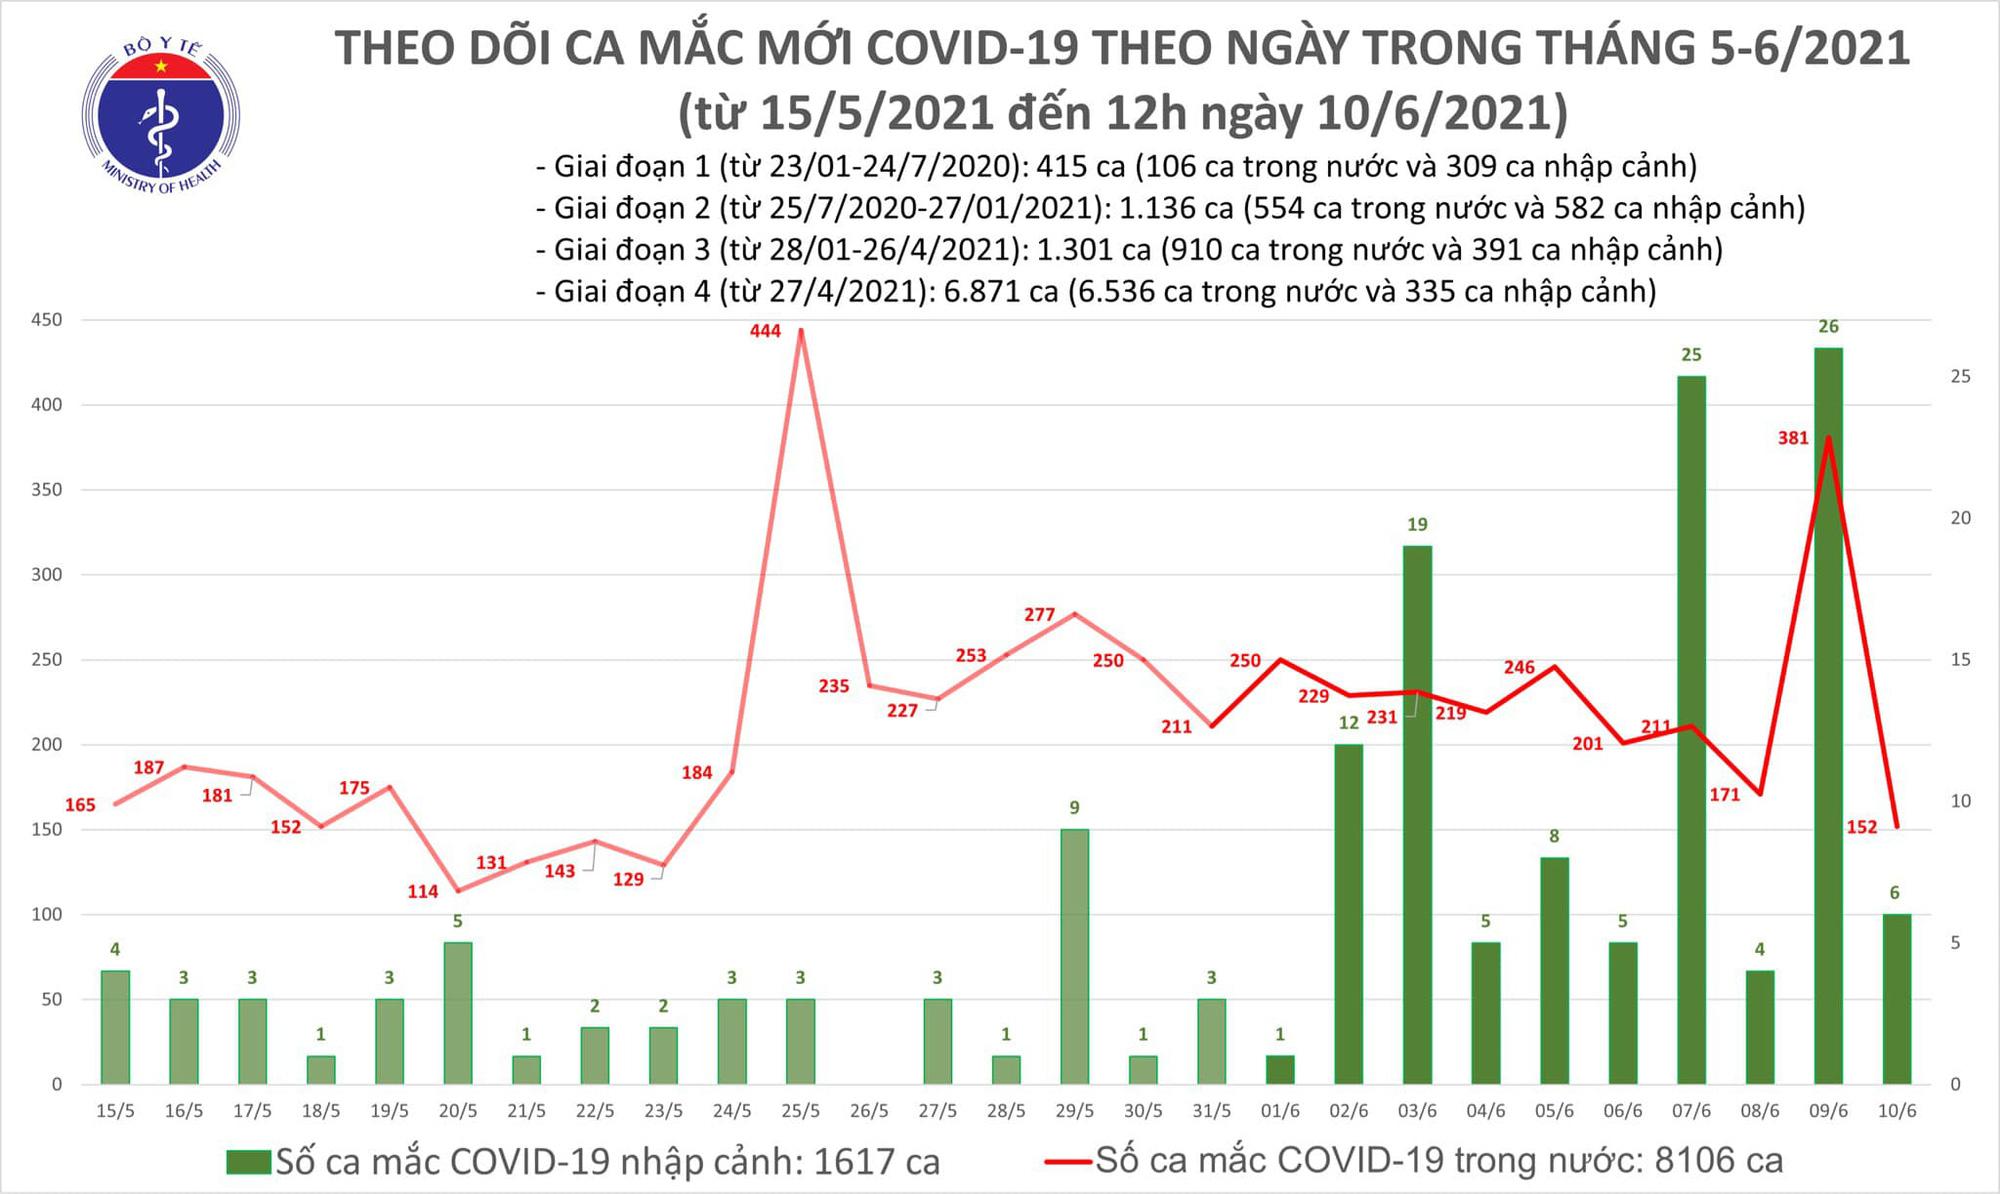 6 tiếng, Việt Nam có thêm 88 ca Covid-19 mới, có ca mắc ngoài cộng đồng - Ảnh 1.